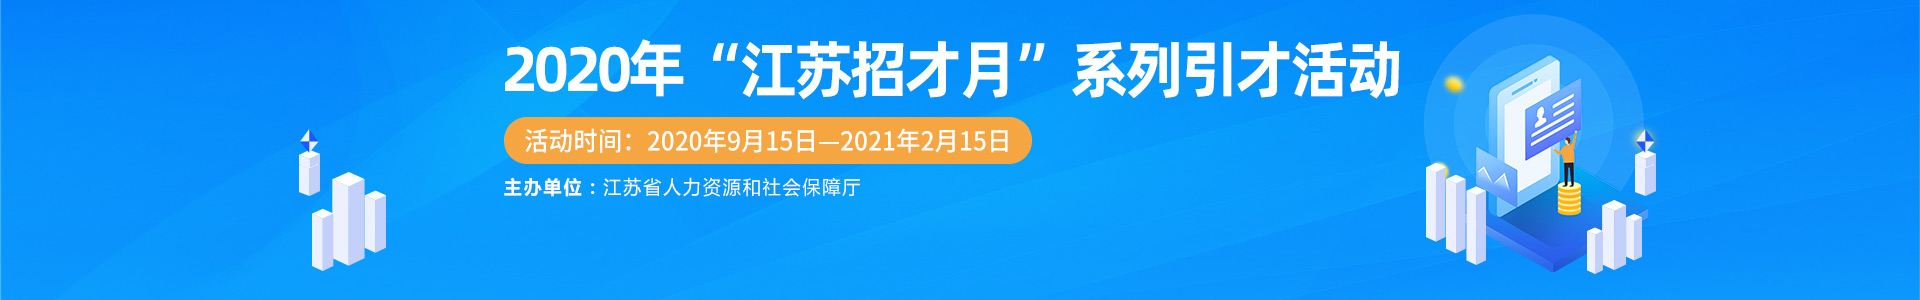 """2020年""""江苏招才月""""活动"""